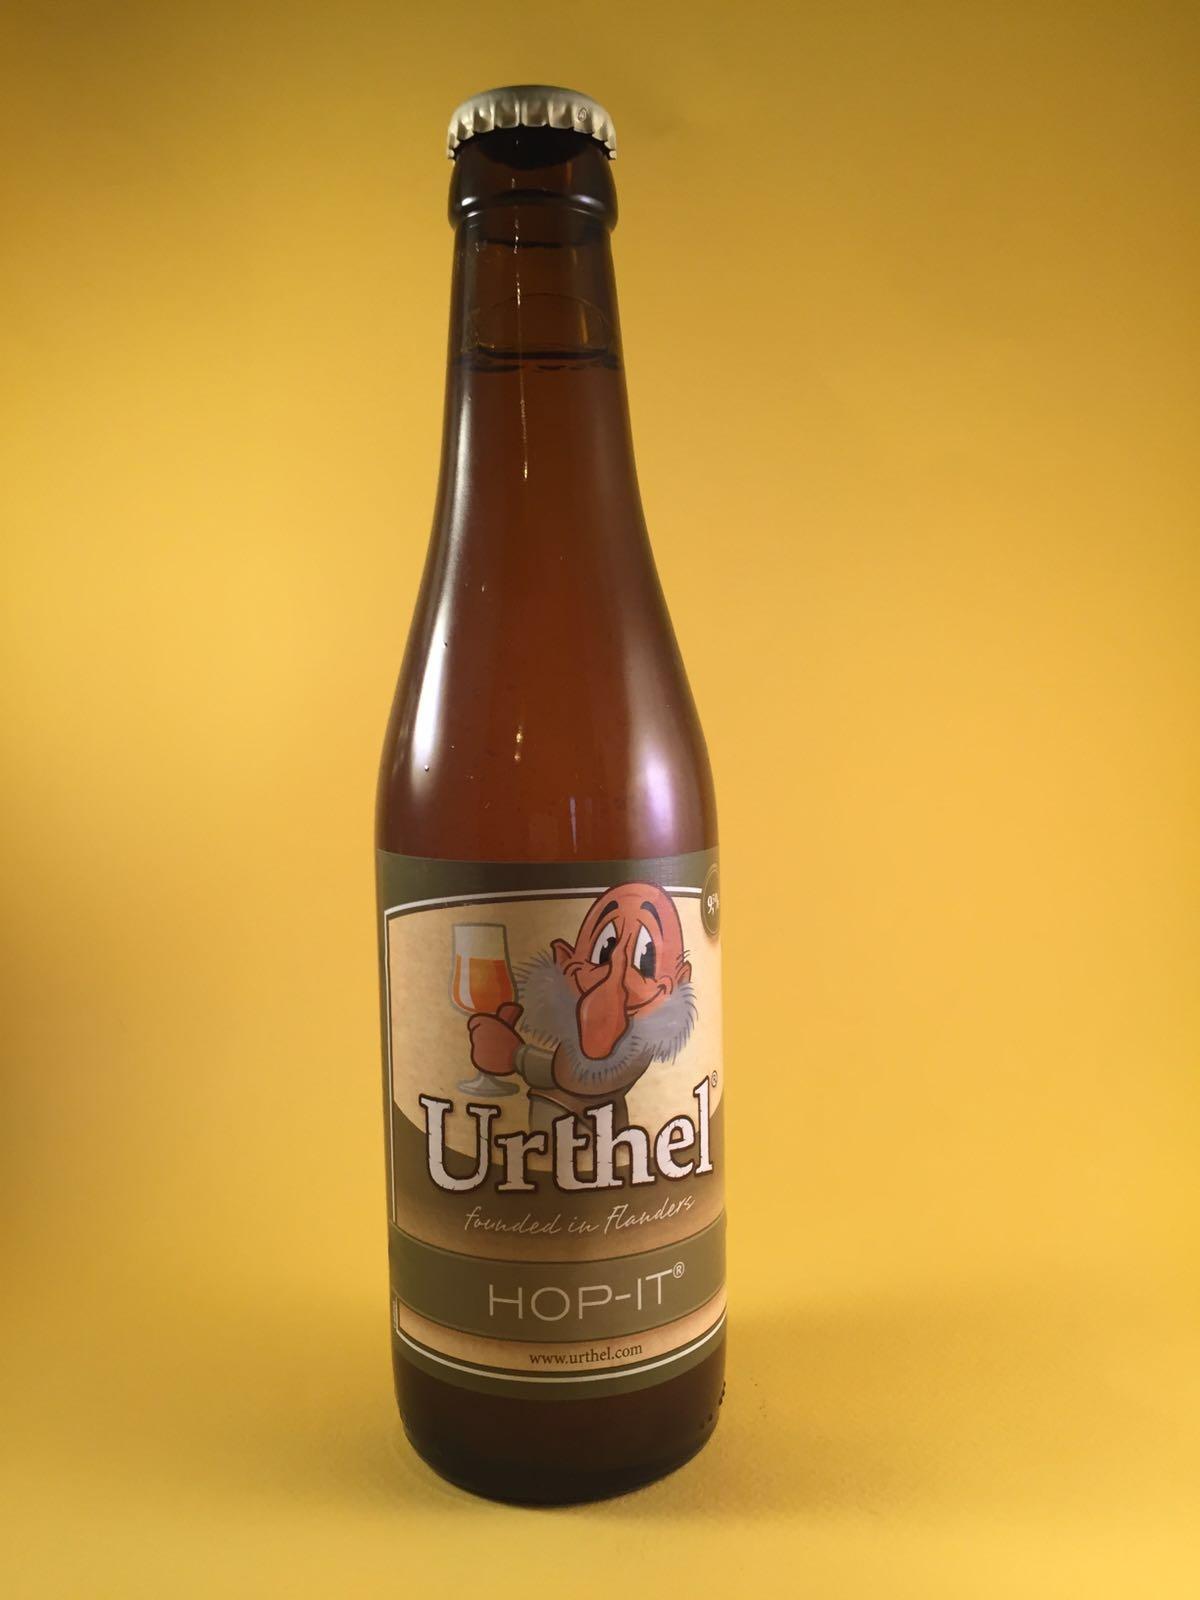 Urthel Hop-it Herkomst: Tilburg, Nederland Het bier heeft een troebele doorkijk en een mooie witte schuimkraag. Wat een geweldige hoppige smaak heeft dit bier. Informatie over de brouwerij is reeds bekent van vorige box. Het bier heeft een alcoholpercentage van 9,5%. Serveeradvies: 5 tot 7 graden.